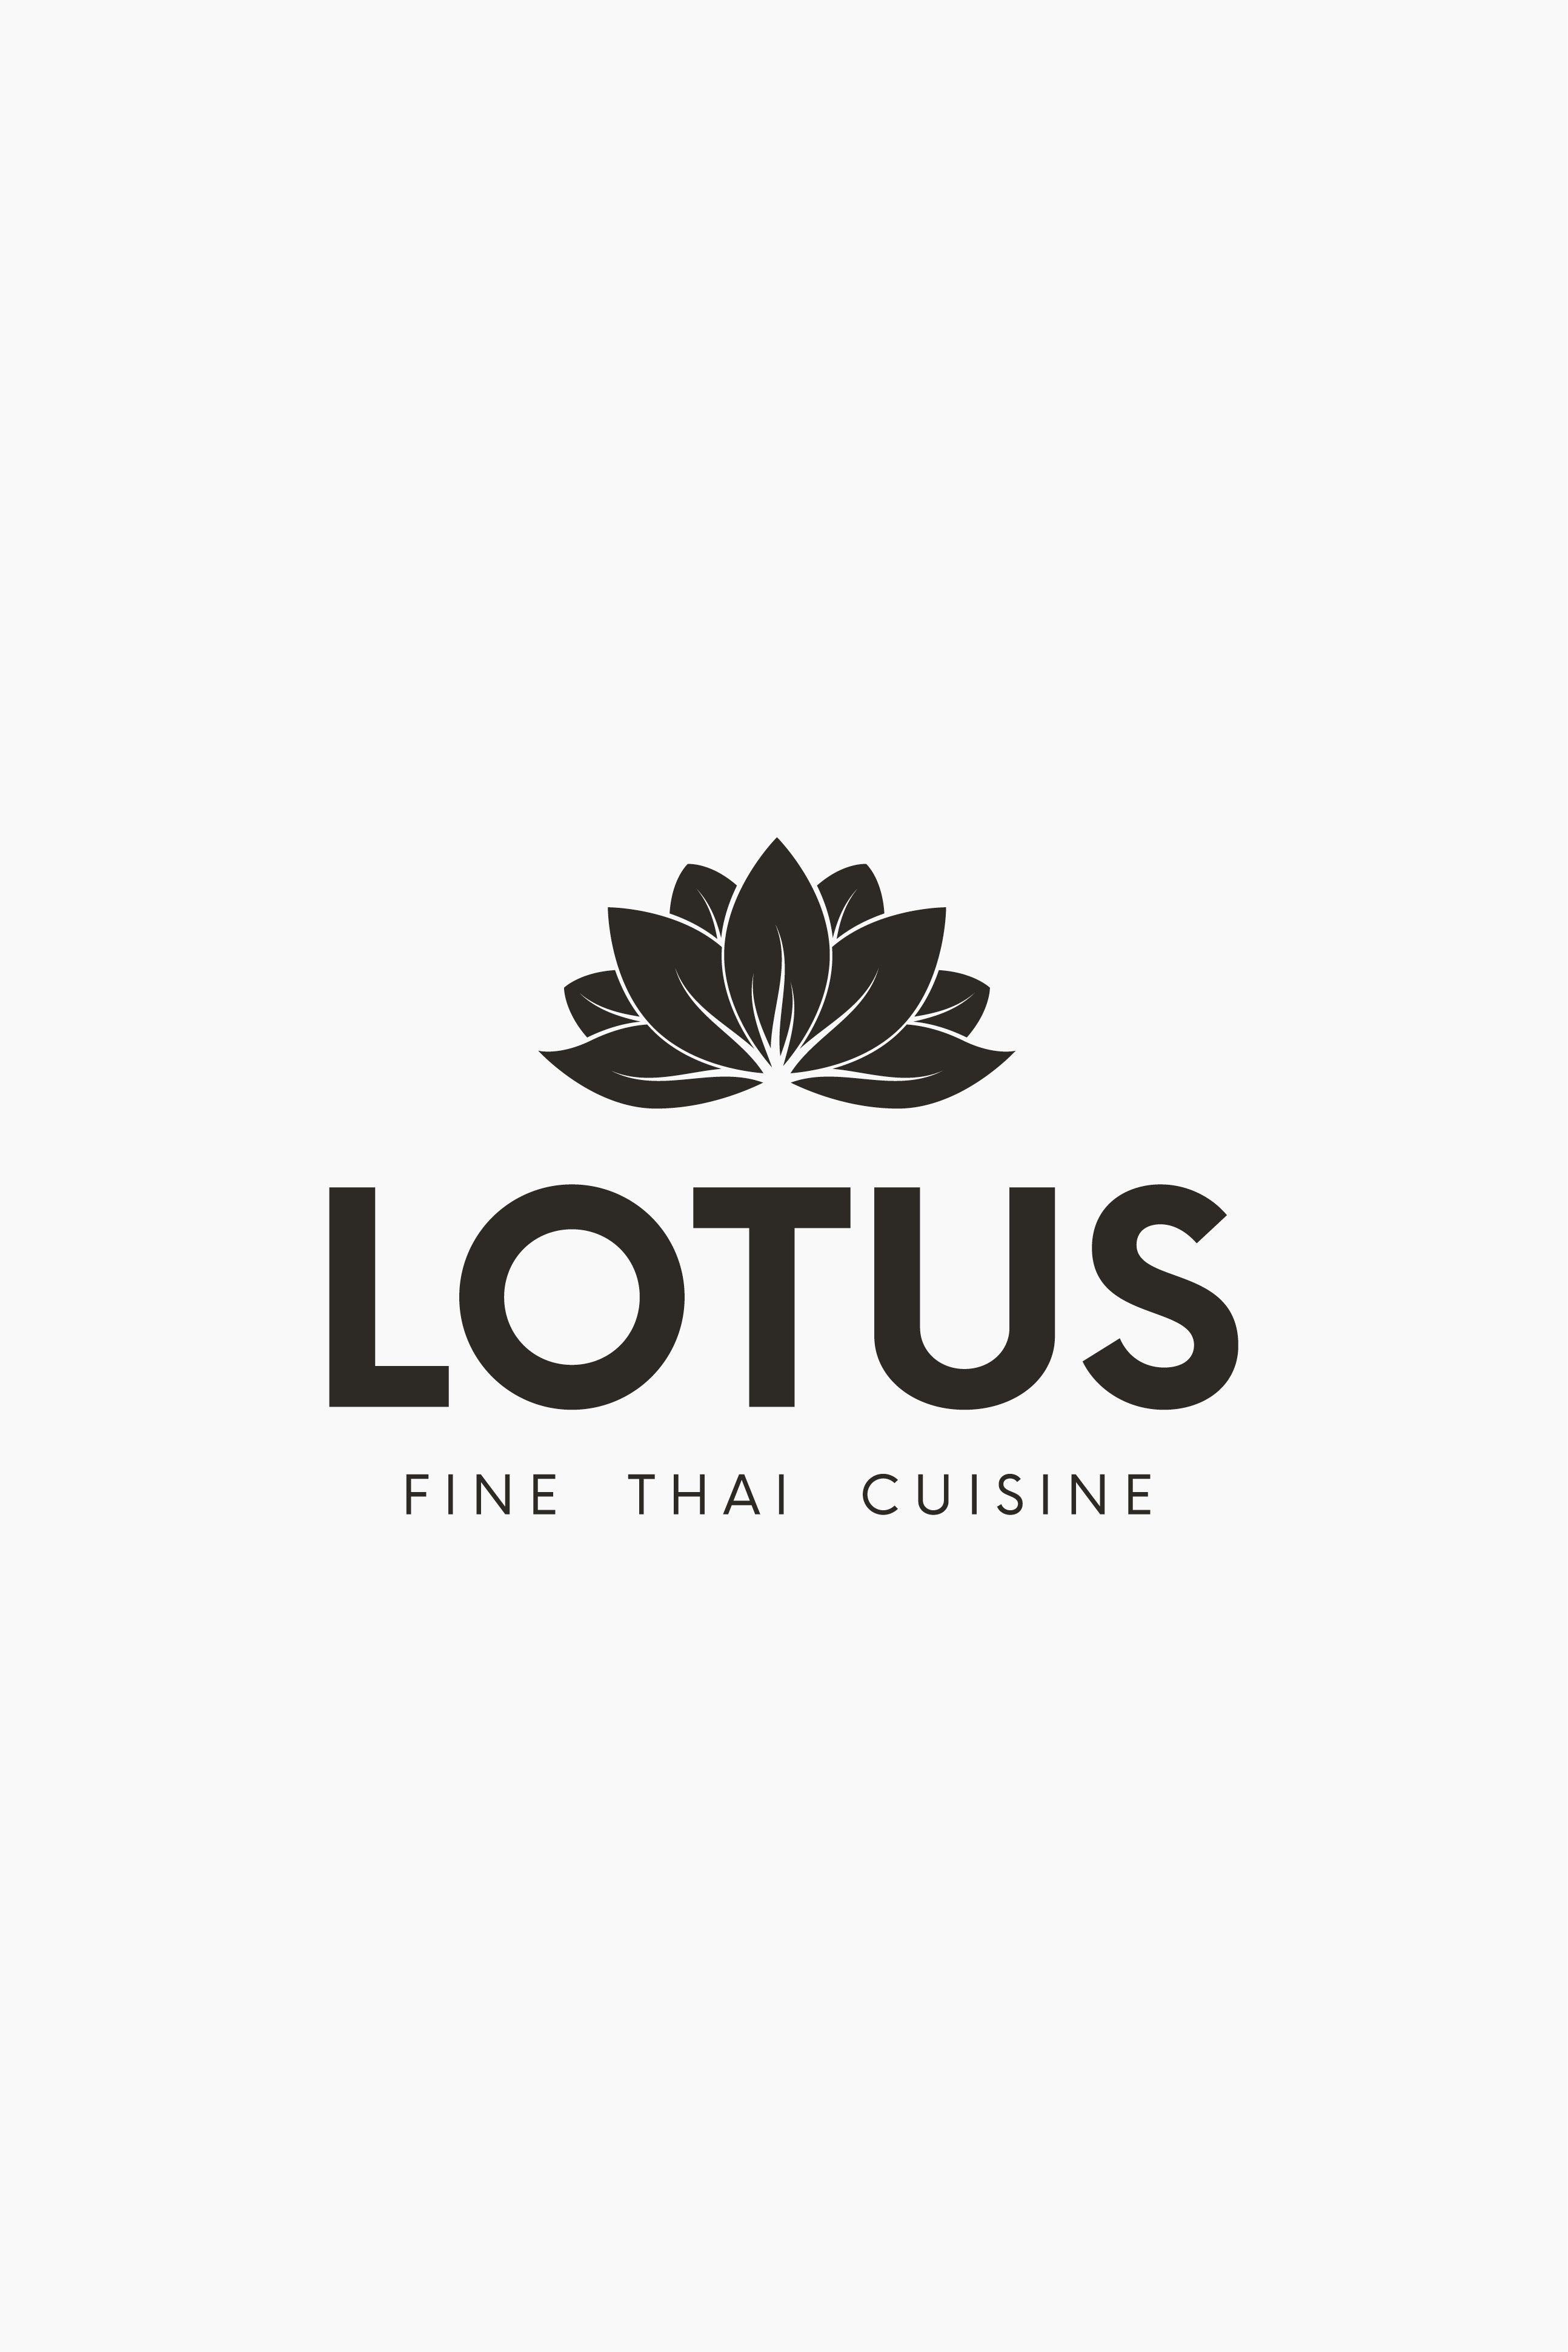 Lotus Logomark Lotus Logo Logos Logo Design